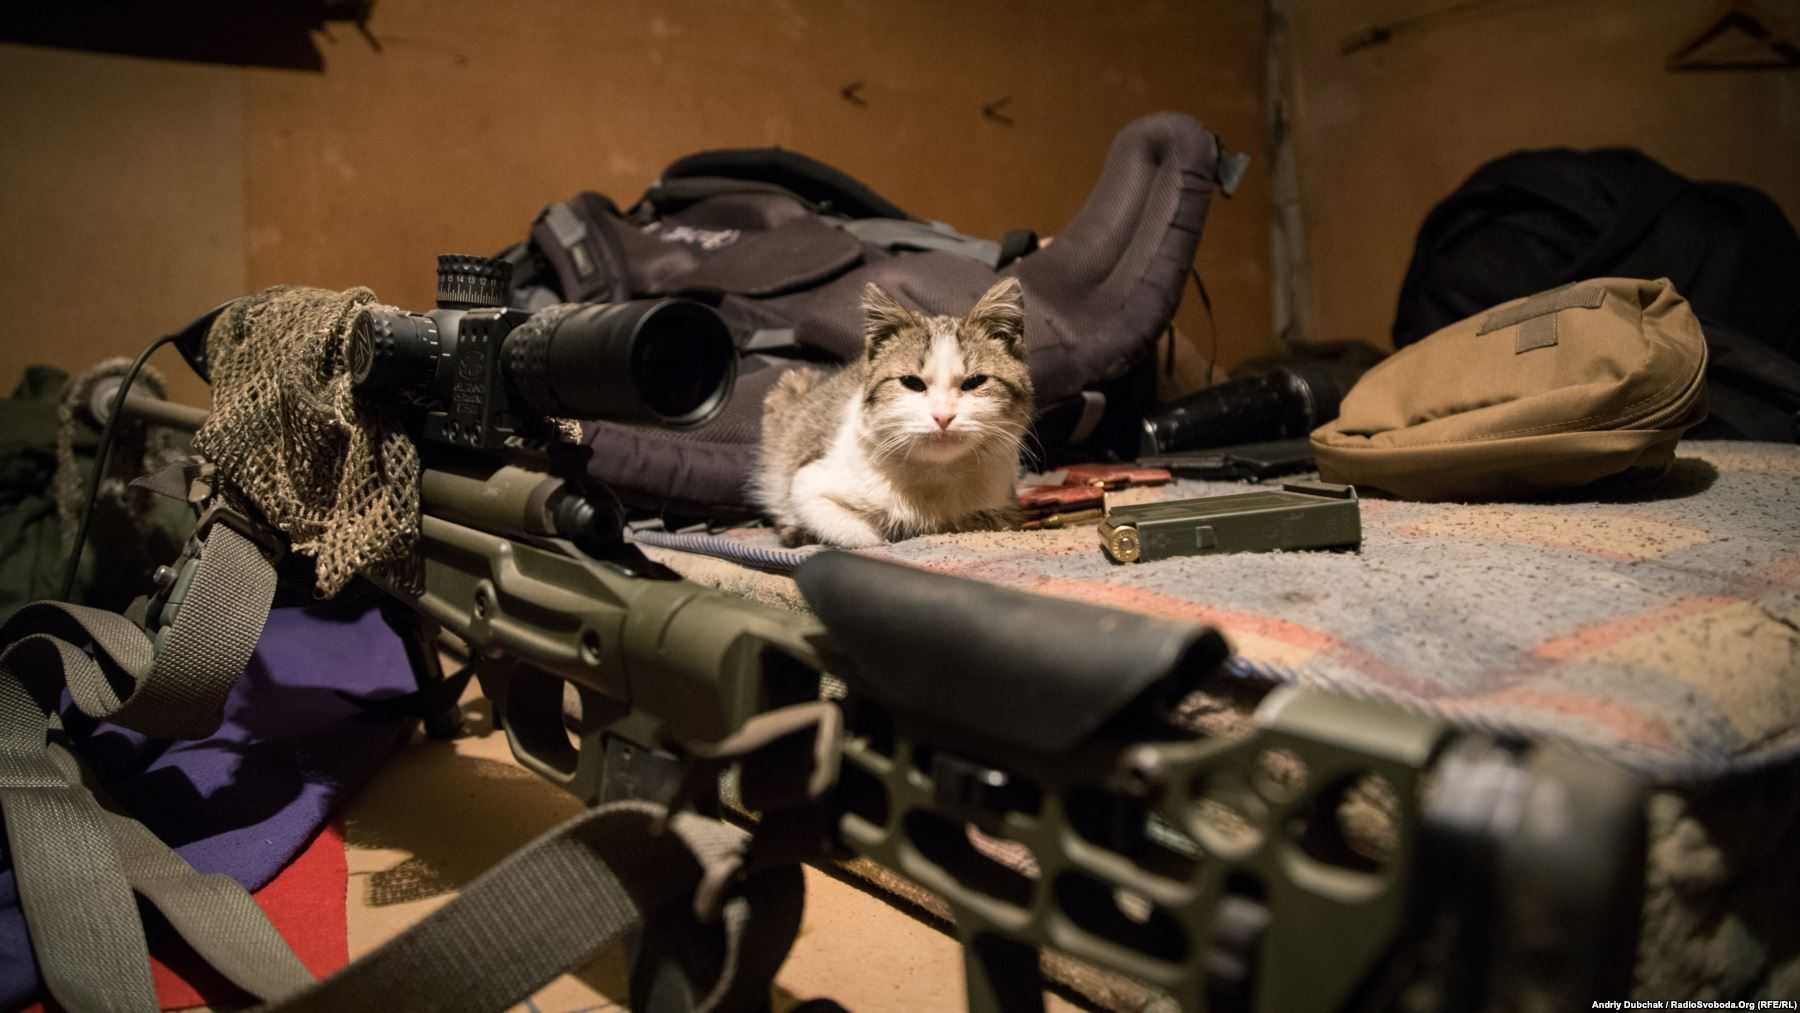 Дозволений для фотографування «.308» і все той же кіт на ім'я «Кіт»